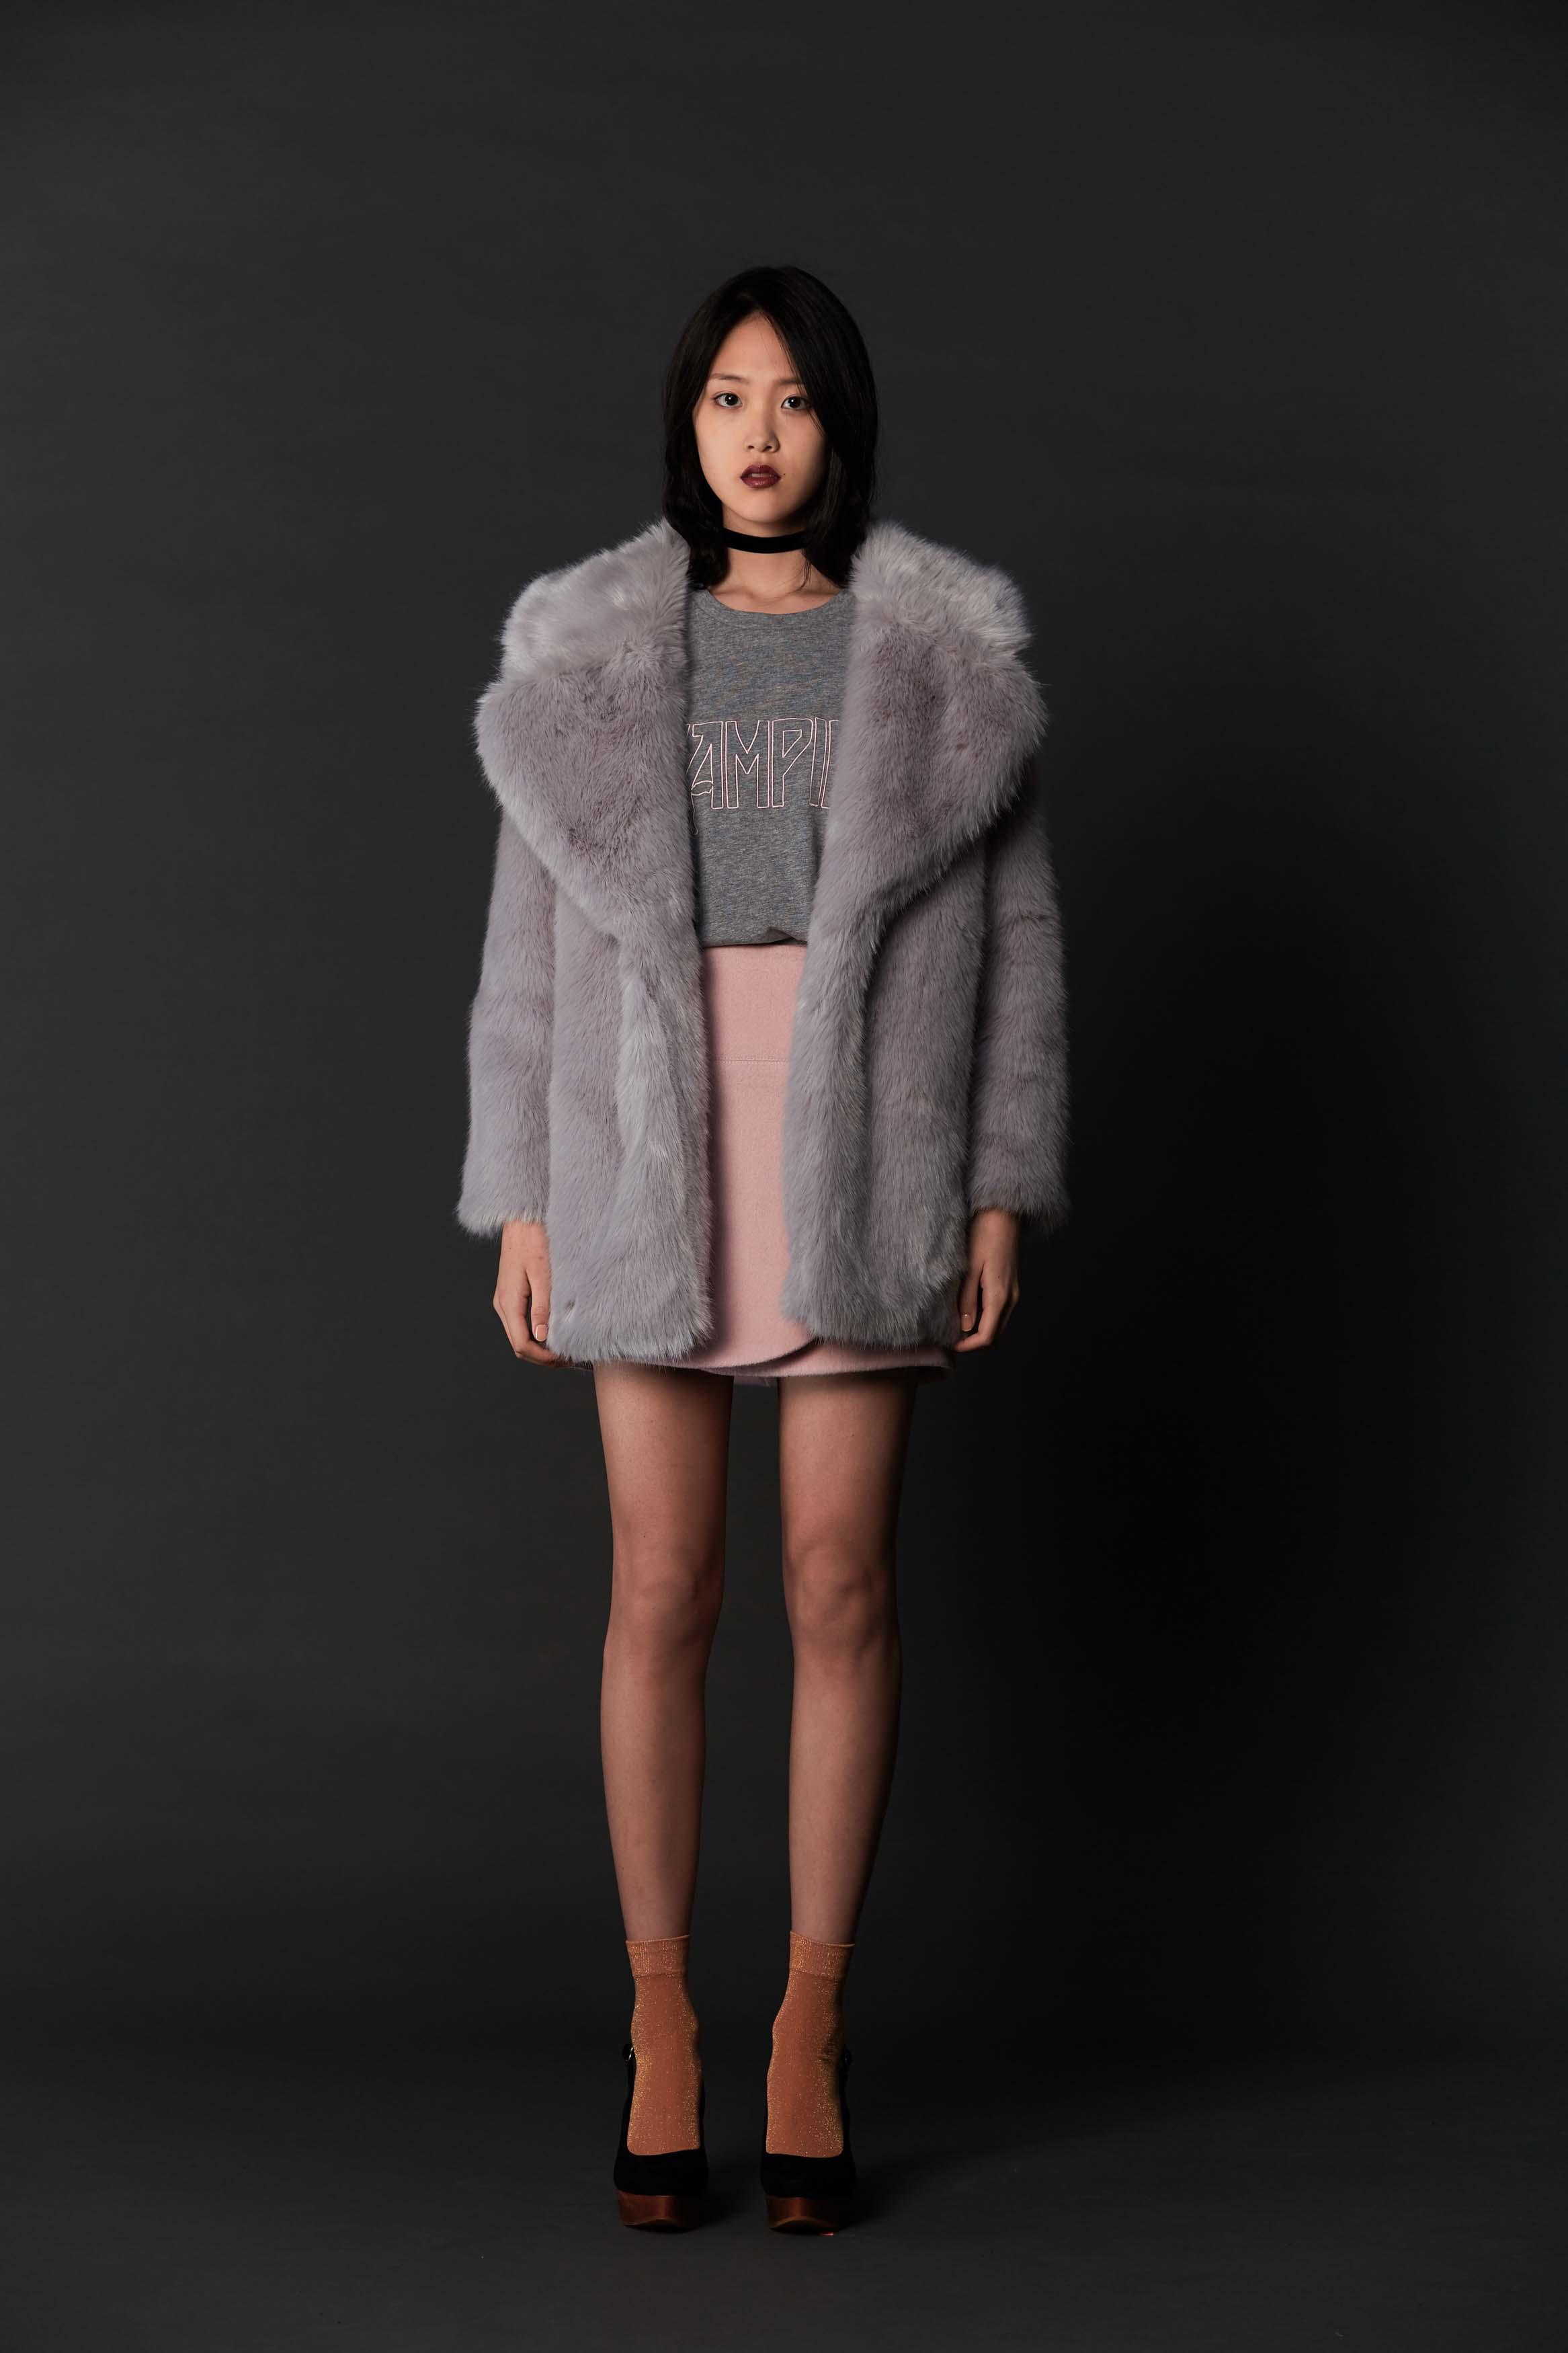 RUBY Bunny Coat, Vampire Longsleeve, King Miniskirt & Halo Heel